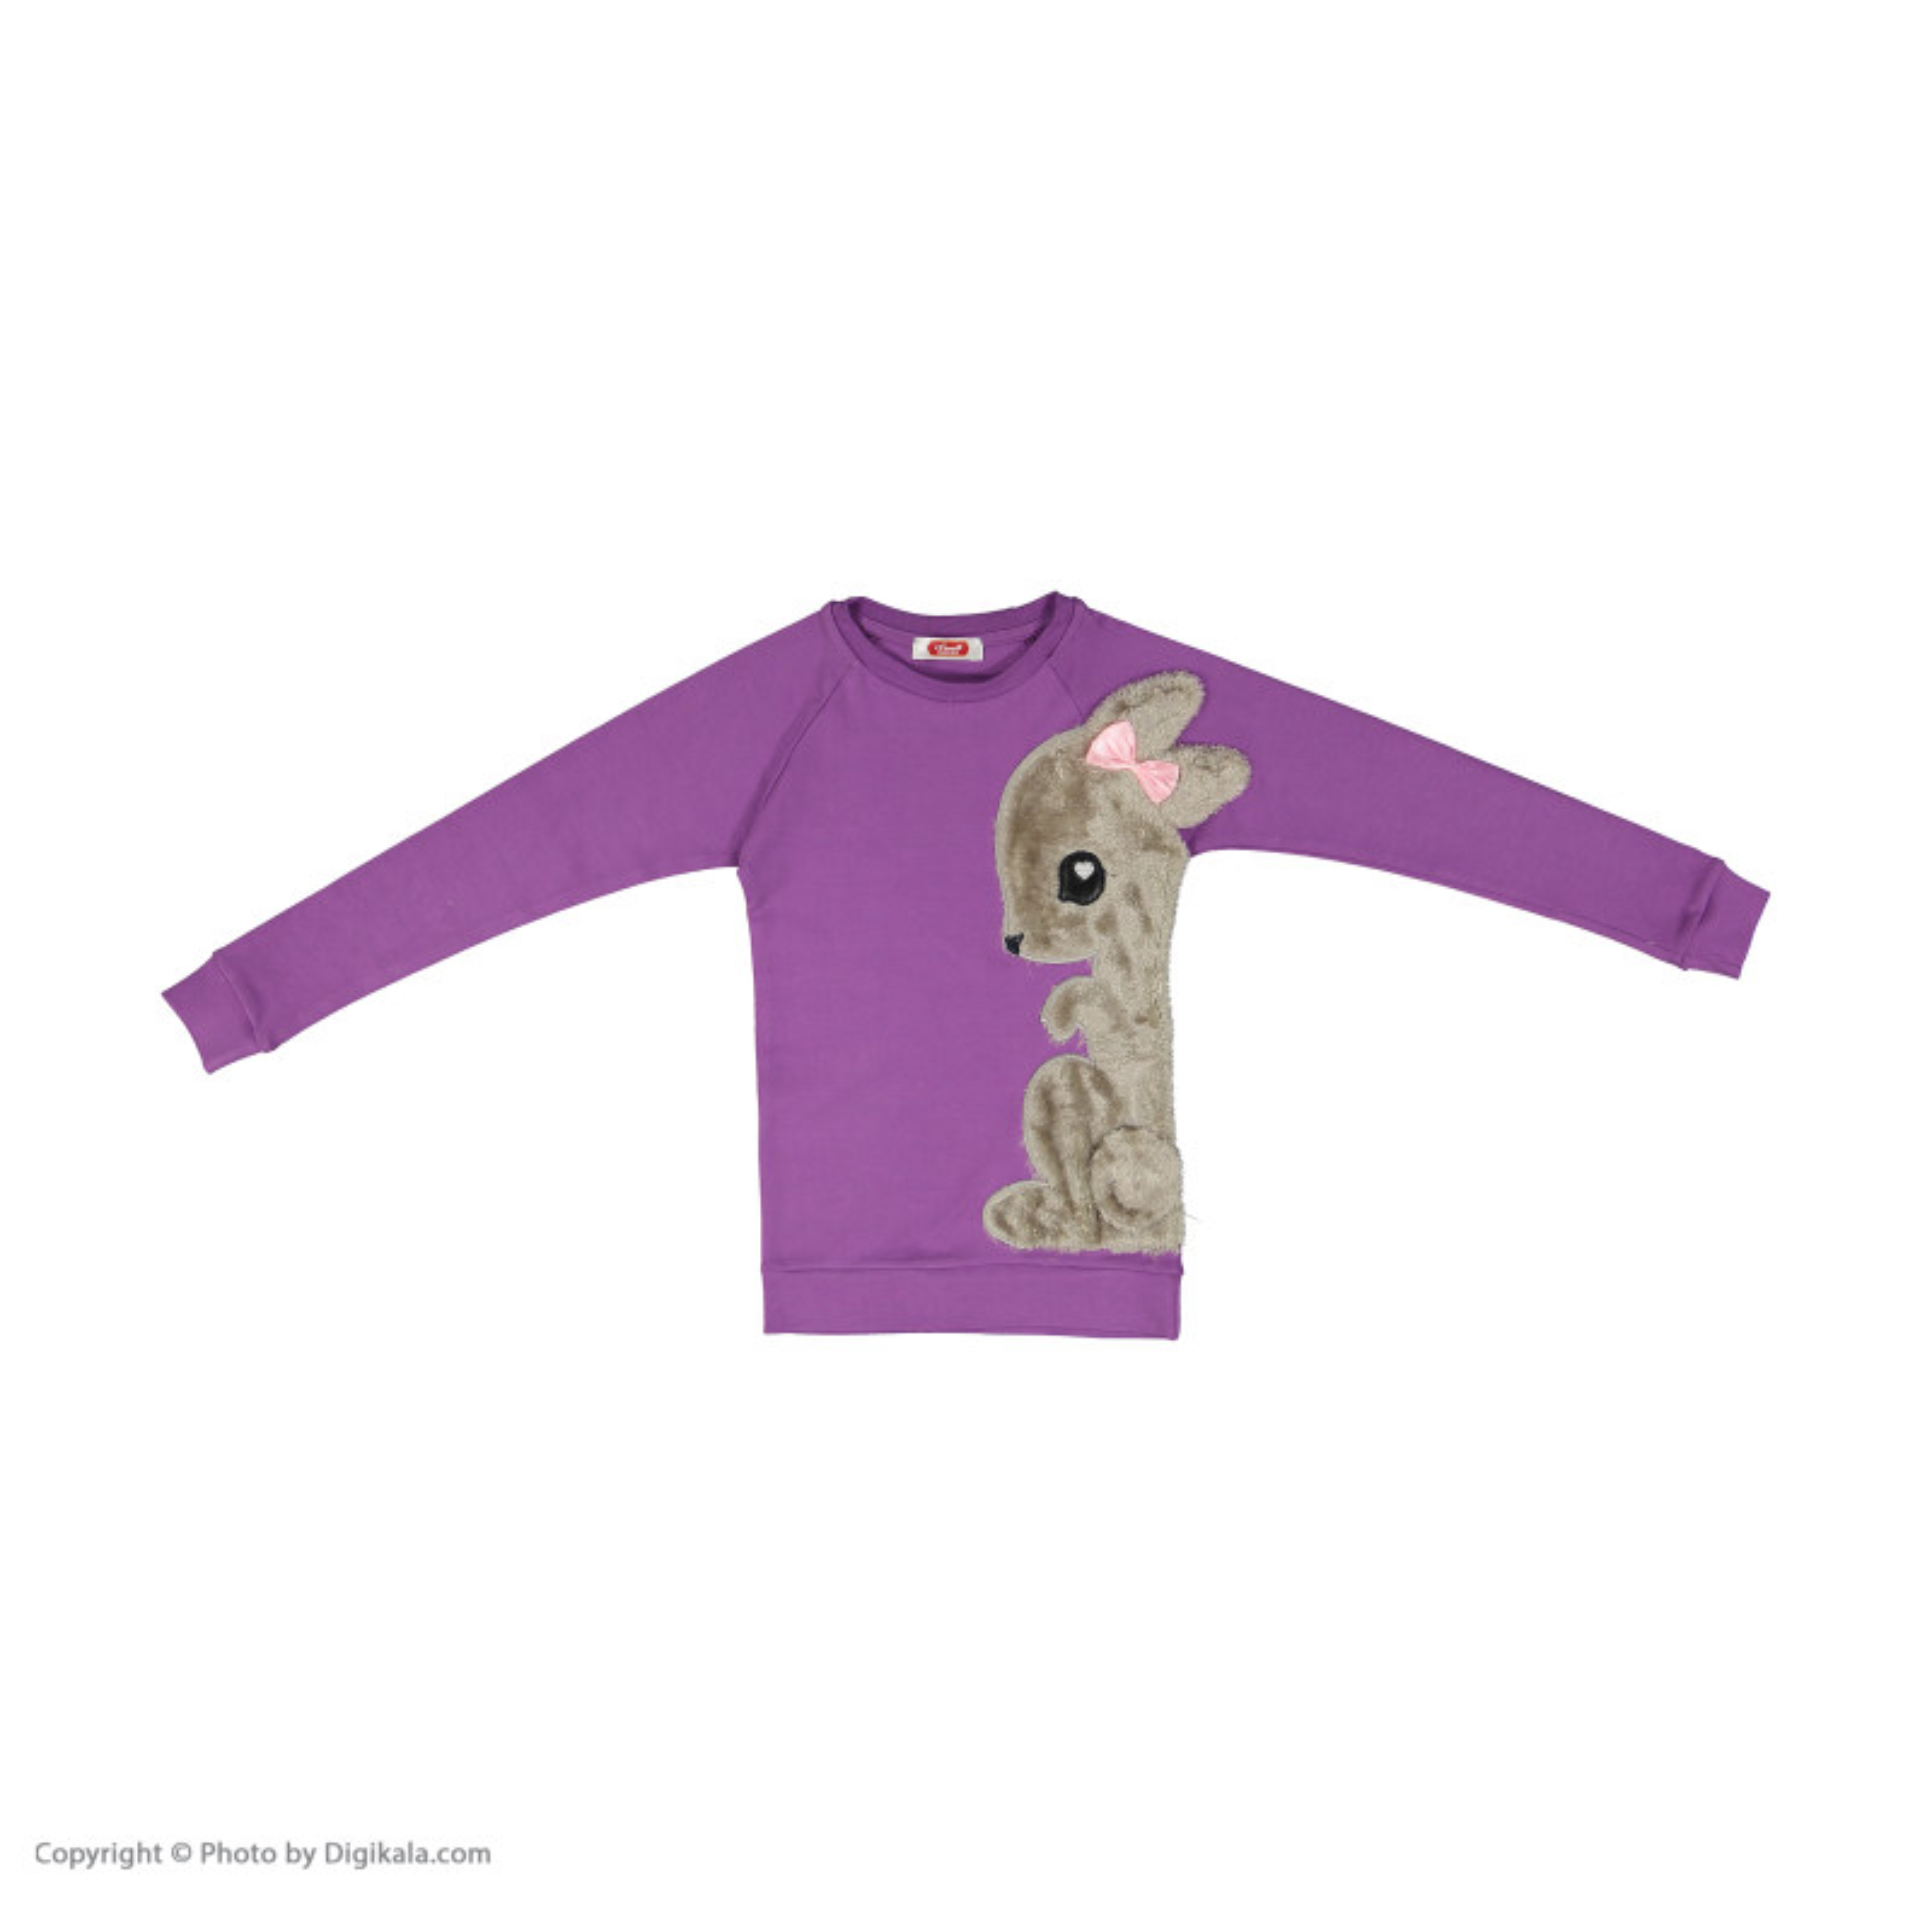 ست تی شرت و شلوار دخترانه مادر مدل SherryViolet-64